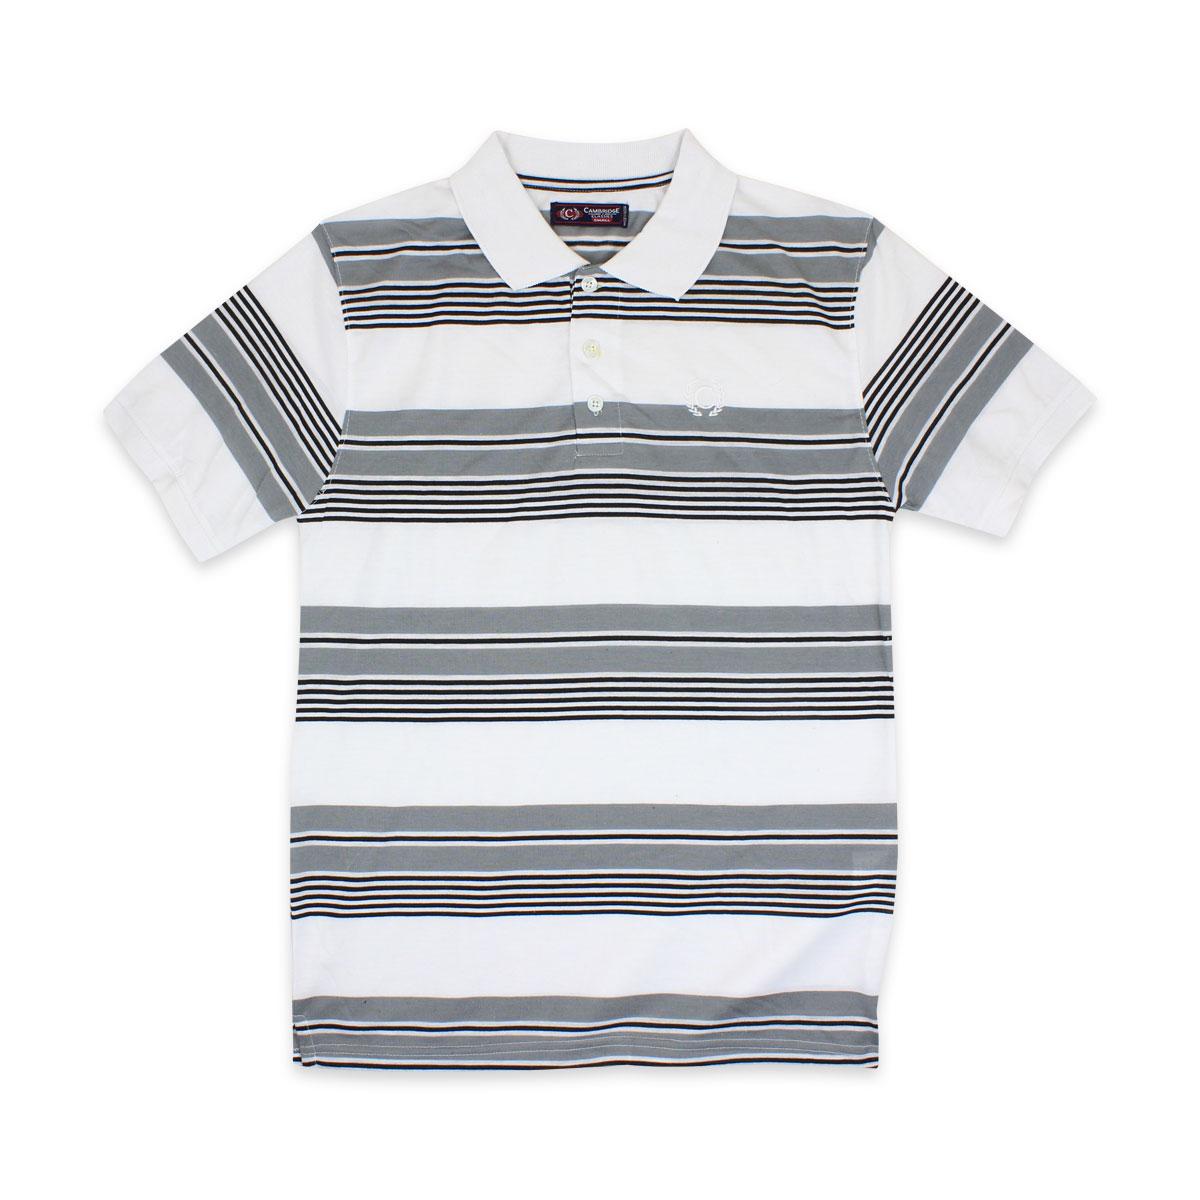 Camisas-Polo-Para-Hombre-A-Rayas-Pique-Con-Cuello-camiseta-Camiseta-Manga-Corta-De-Verano-S-M-L-XL miniatura 70